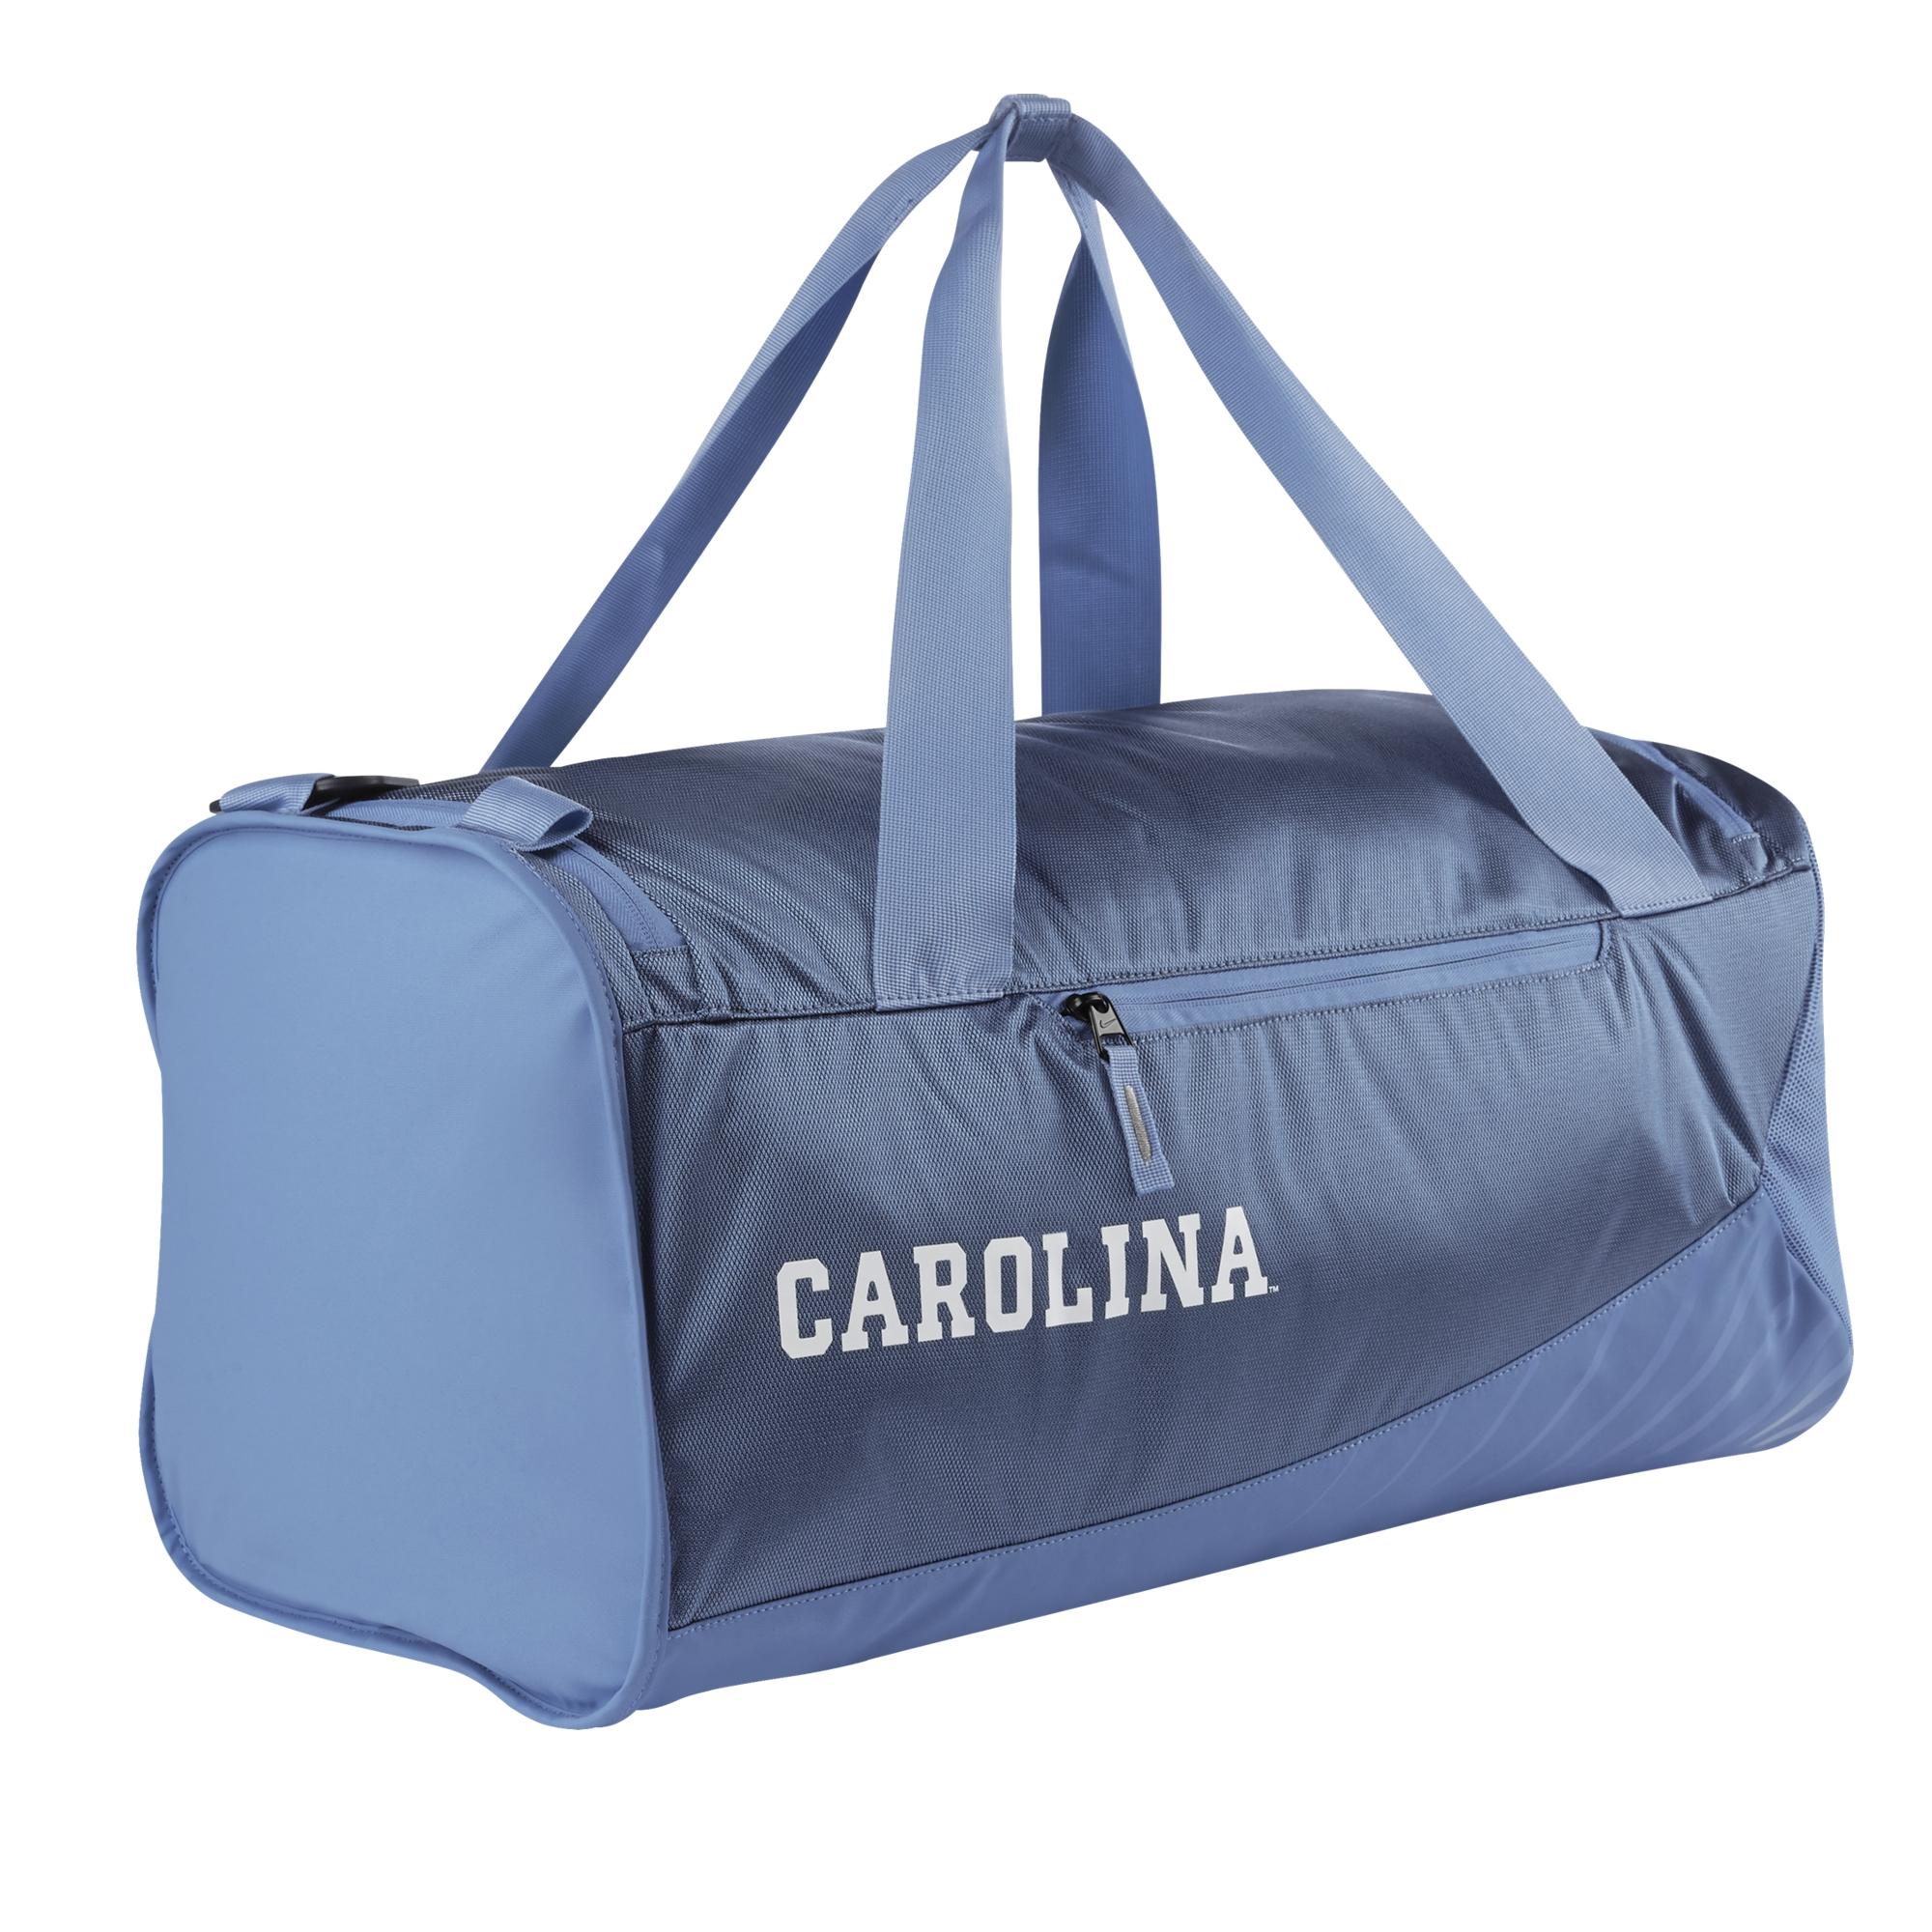 014f16526a4c nike vapor max air 2.0 (medium) duffel bag online   OFF49% Discounts